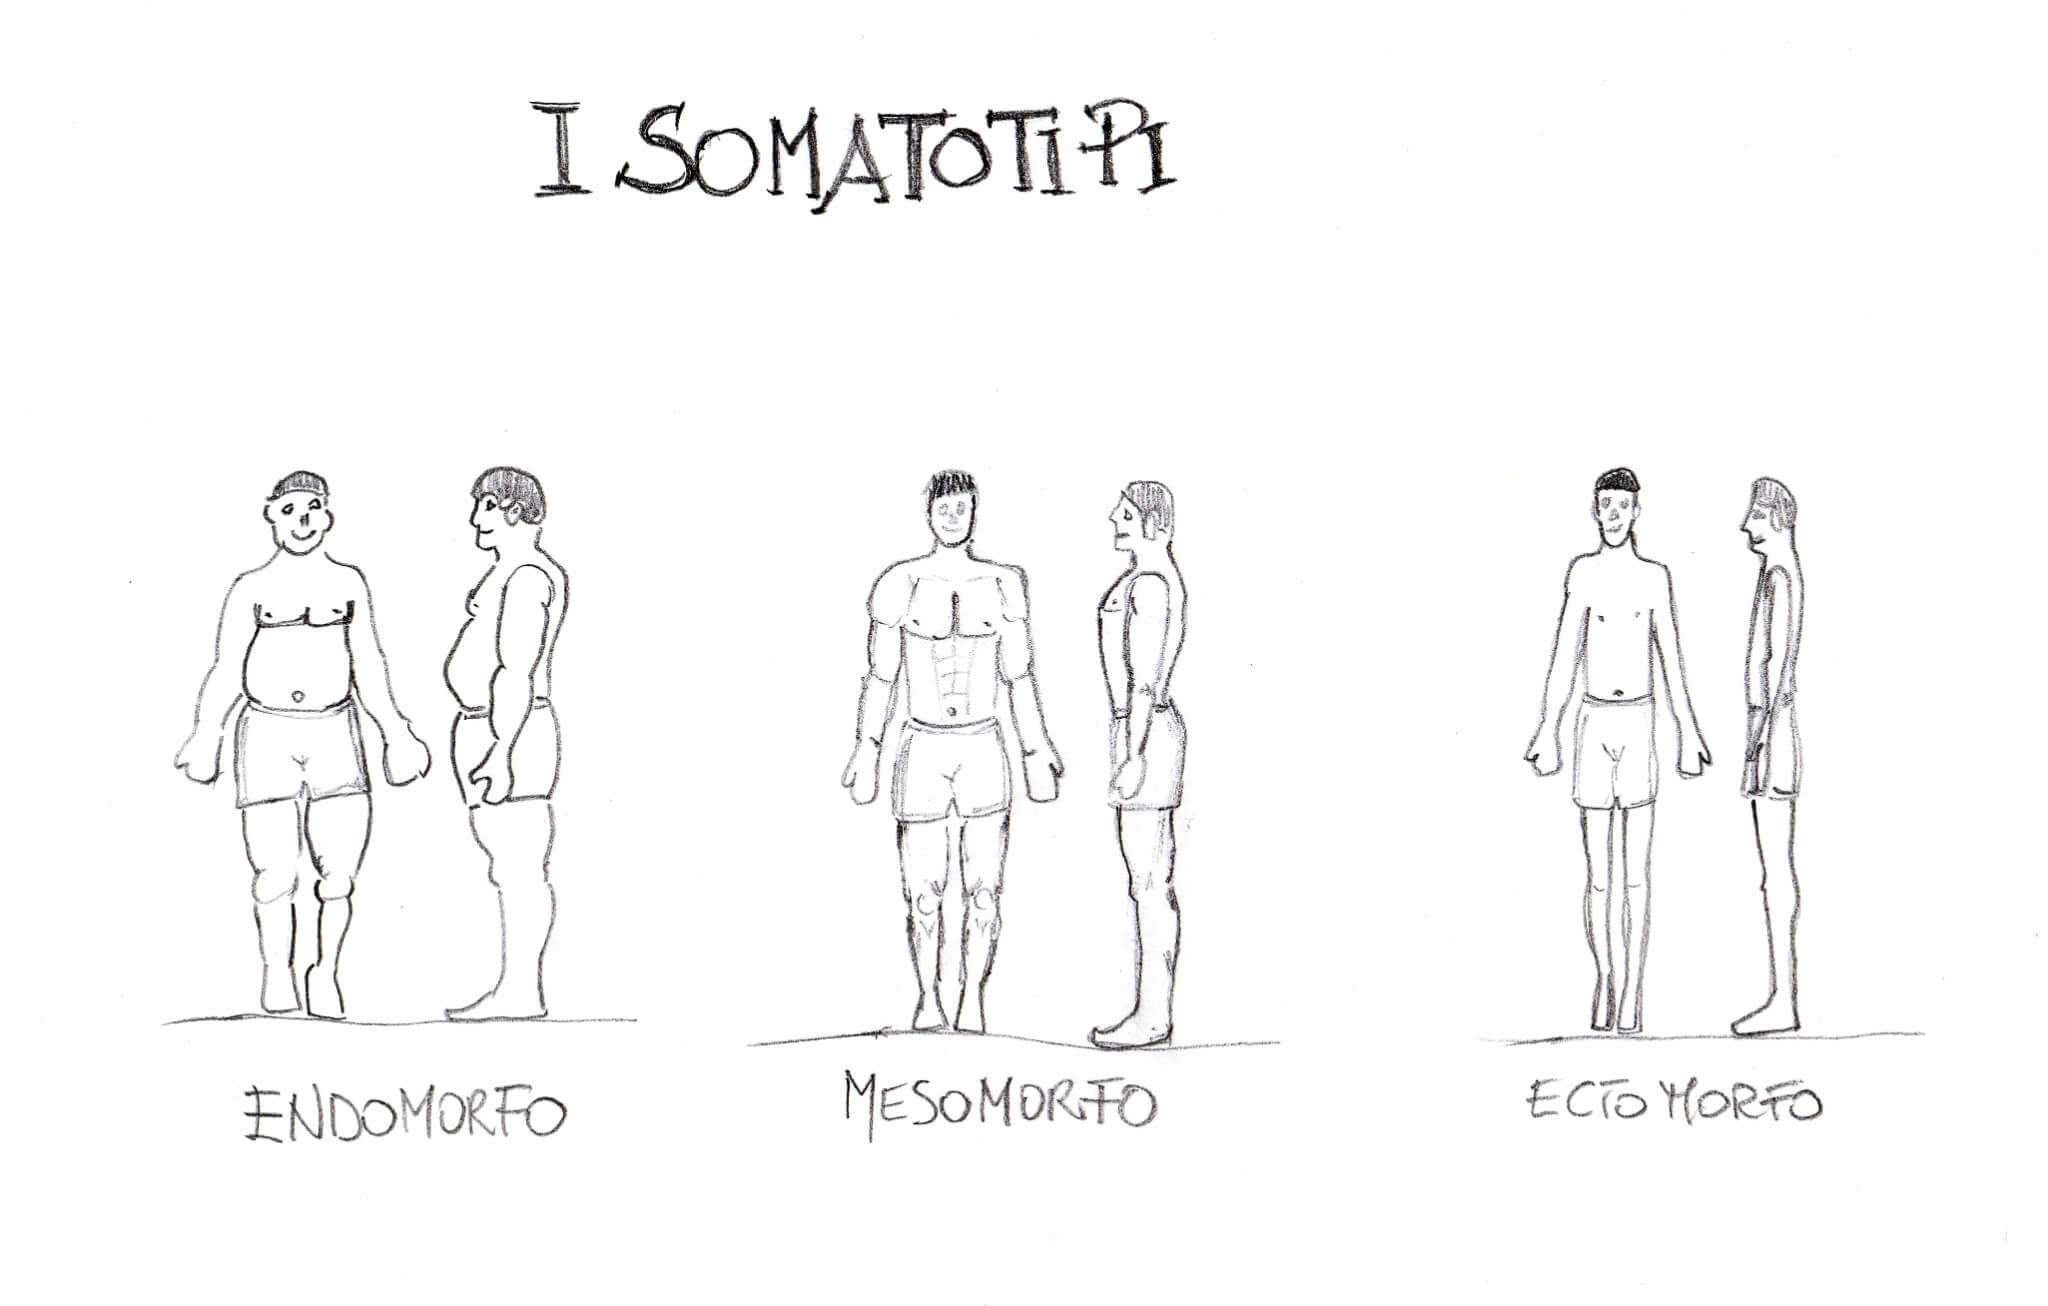 Somatotipo e Somatocarta: l'utilizzo nella composizione corporea